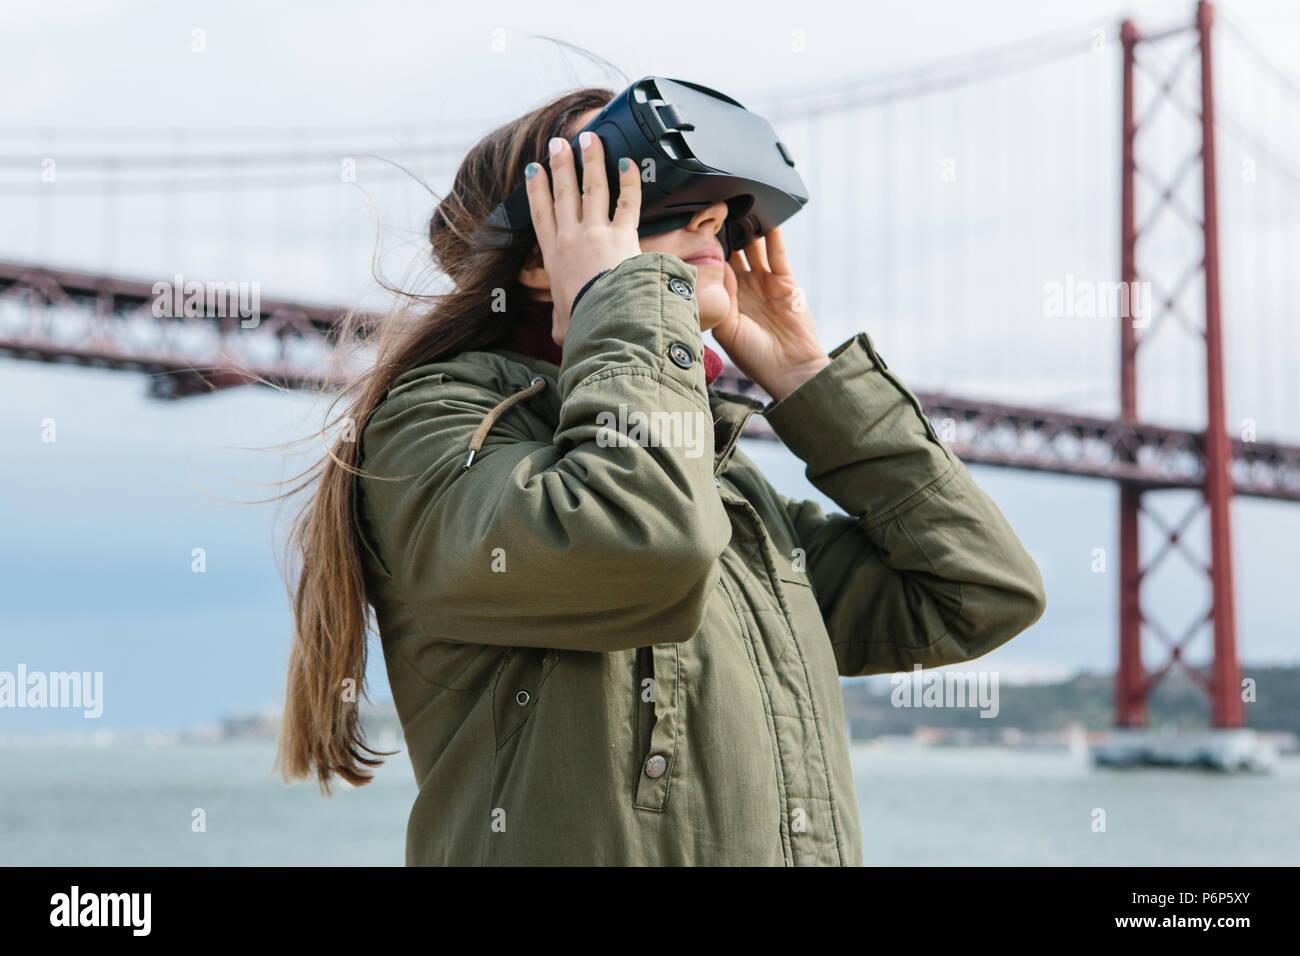 Belle jeune fille portant des lunettes de réalité virtuelle. Pont du 25 avril à Lisbonne dans l'arrière-plan. Le concept de technologies modernes et leur utilisation dans la vie quotidienne Photo Stock